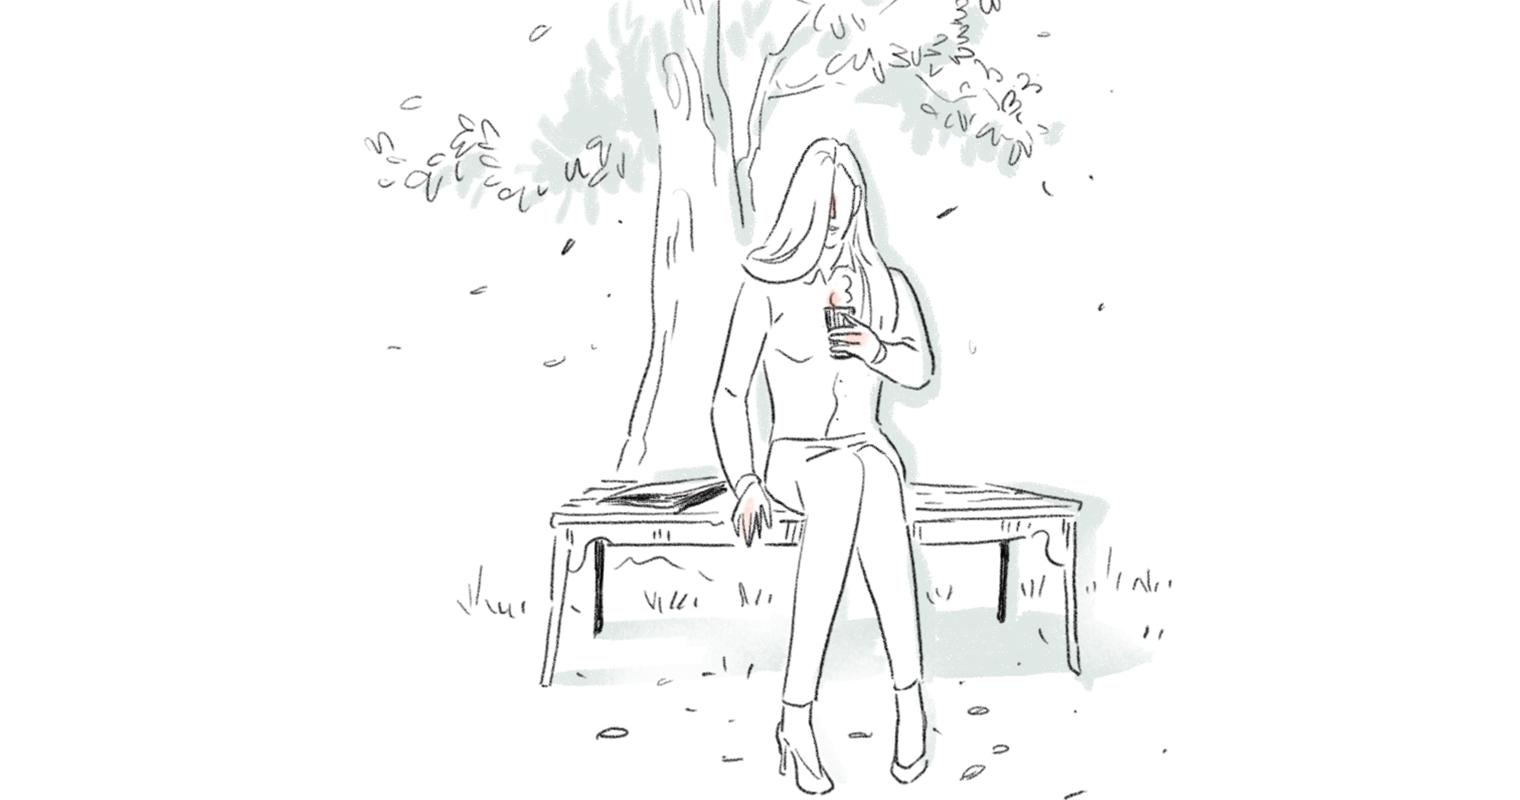 Not Her Cup of Tea – Part 9